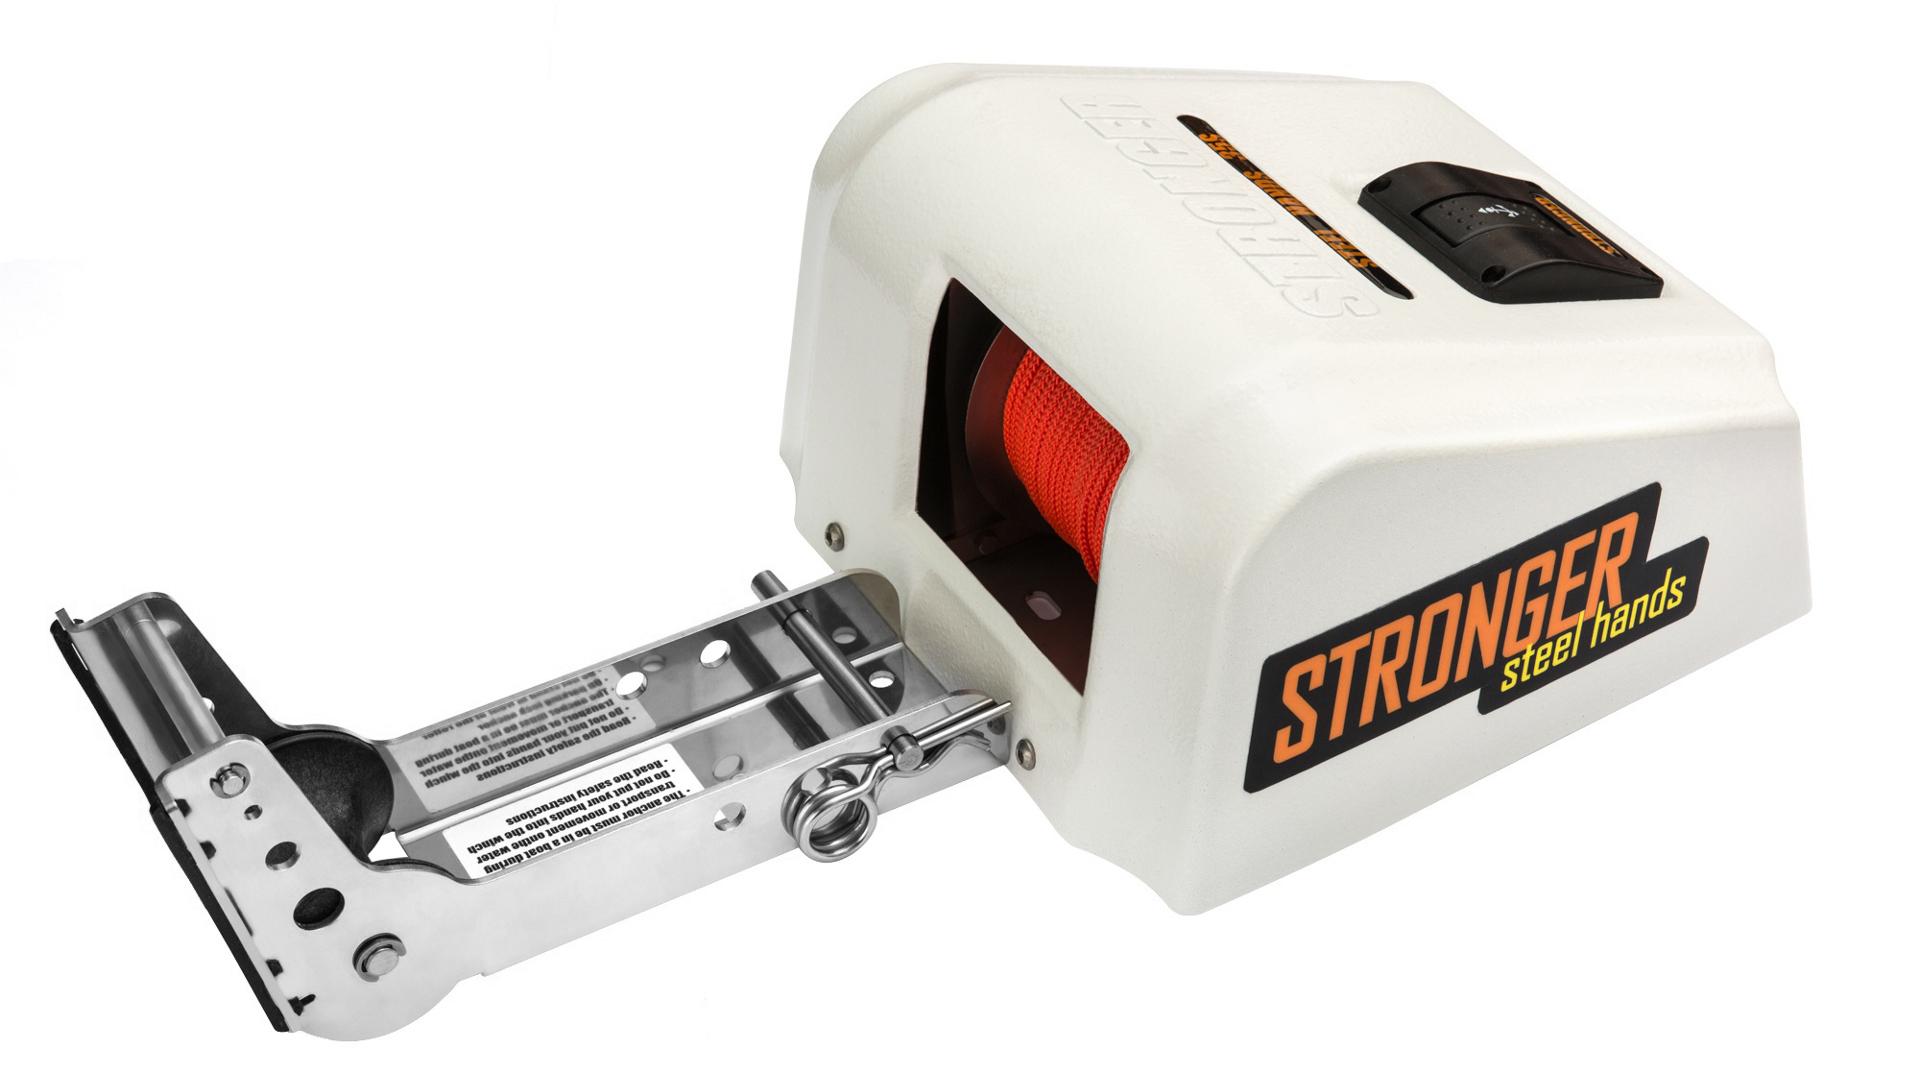 Якорная лебедка для соленой воды, Якорная лебедка Stronger Steel Hands 35SW, STRONGER Steel Hands 35SW, STRONGER SH 35SW, STRONGER SH35SW, STRONGER SH-35SW, Якорная лебедка Stronger Steel Hands 35S, STRONGER Steel Hands 35S, STRONGER SH 35S, STRONGER SH35S, STRONGER SH-35S